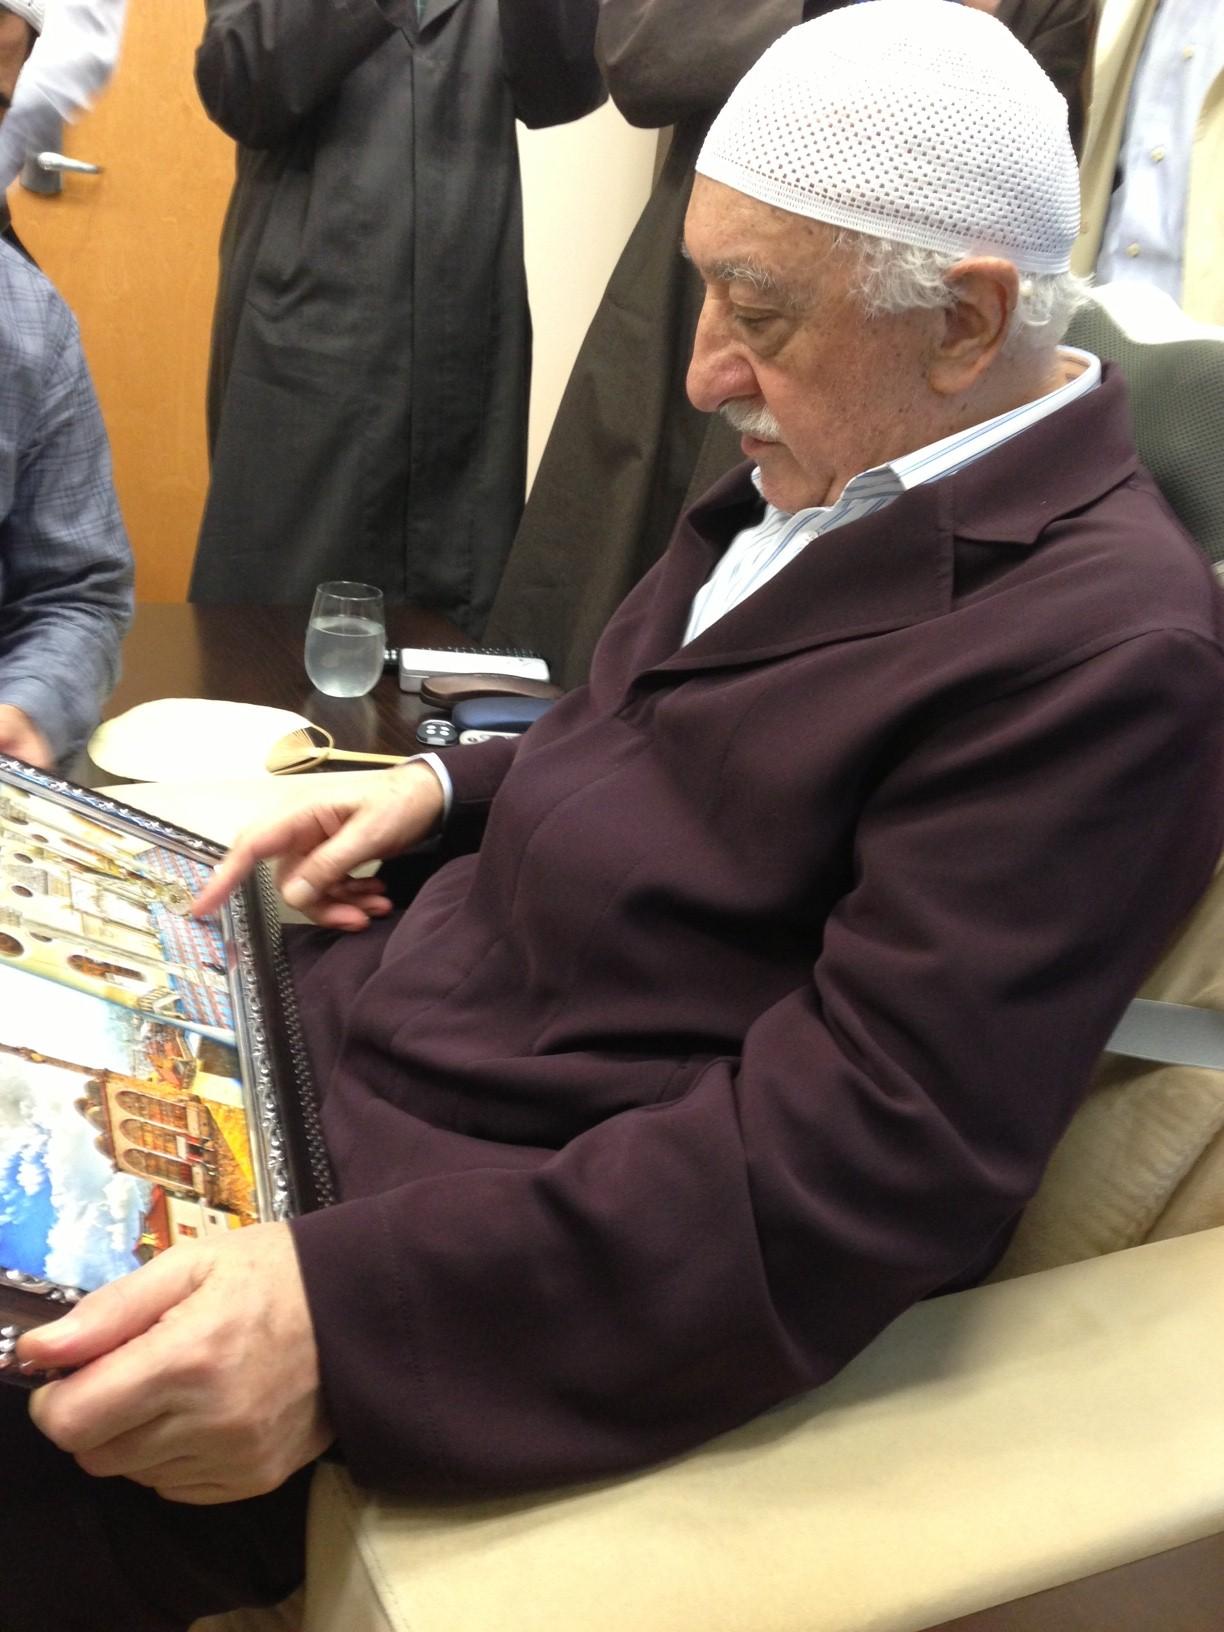 Fotoğraf: Muhterem Fethullah Gülen Hocaefendi, Kestanepazarı tablosuna bakarak camiyi, yurdu ve tahta kulübeyi tarif edip hatıralarını anlatırken